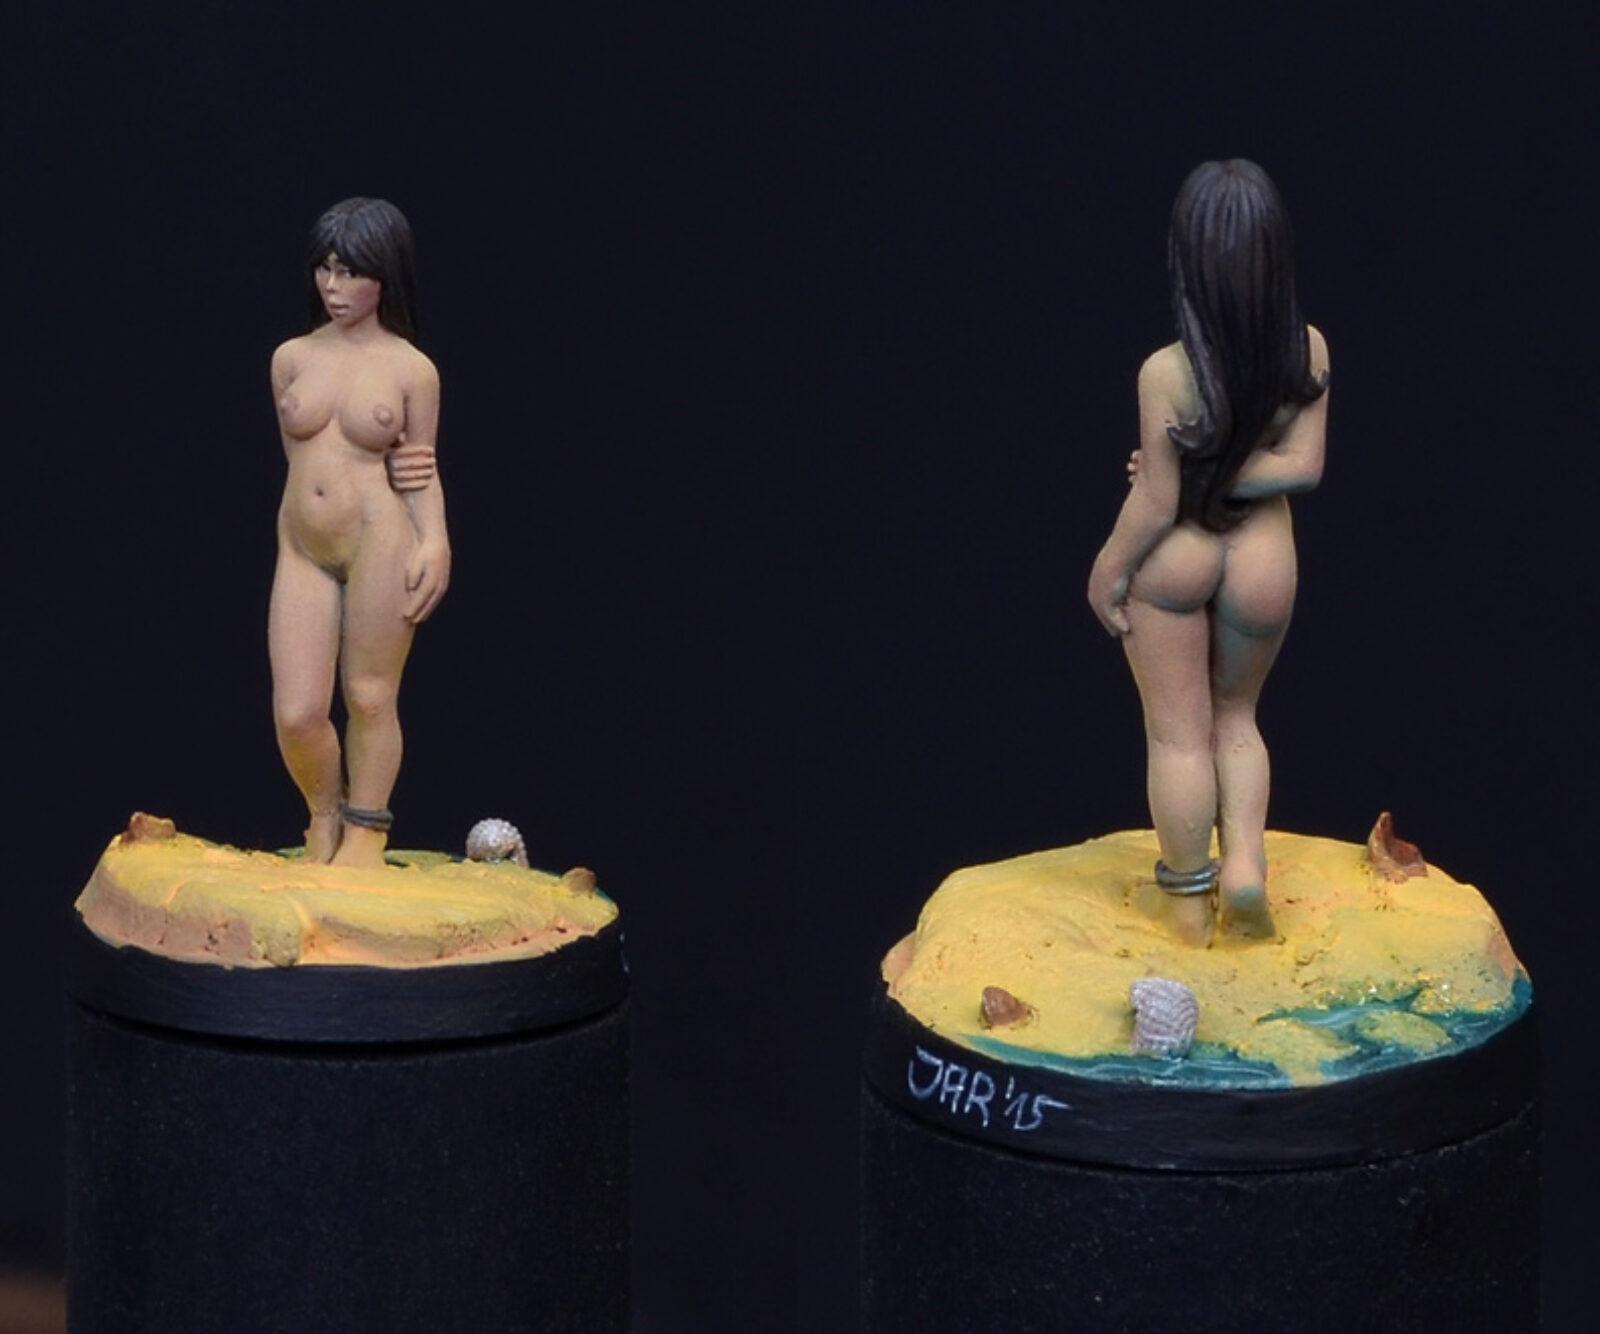 Beachgirl02